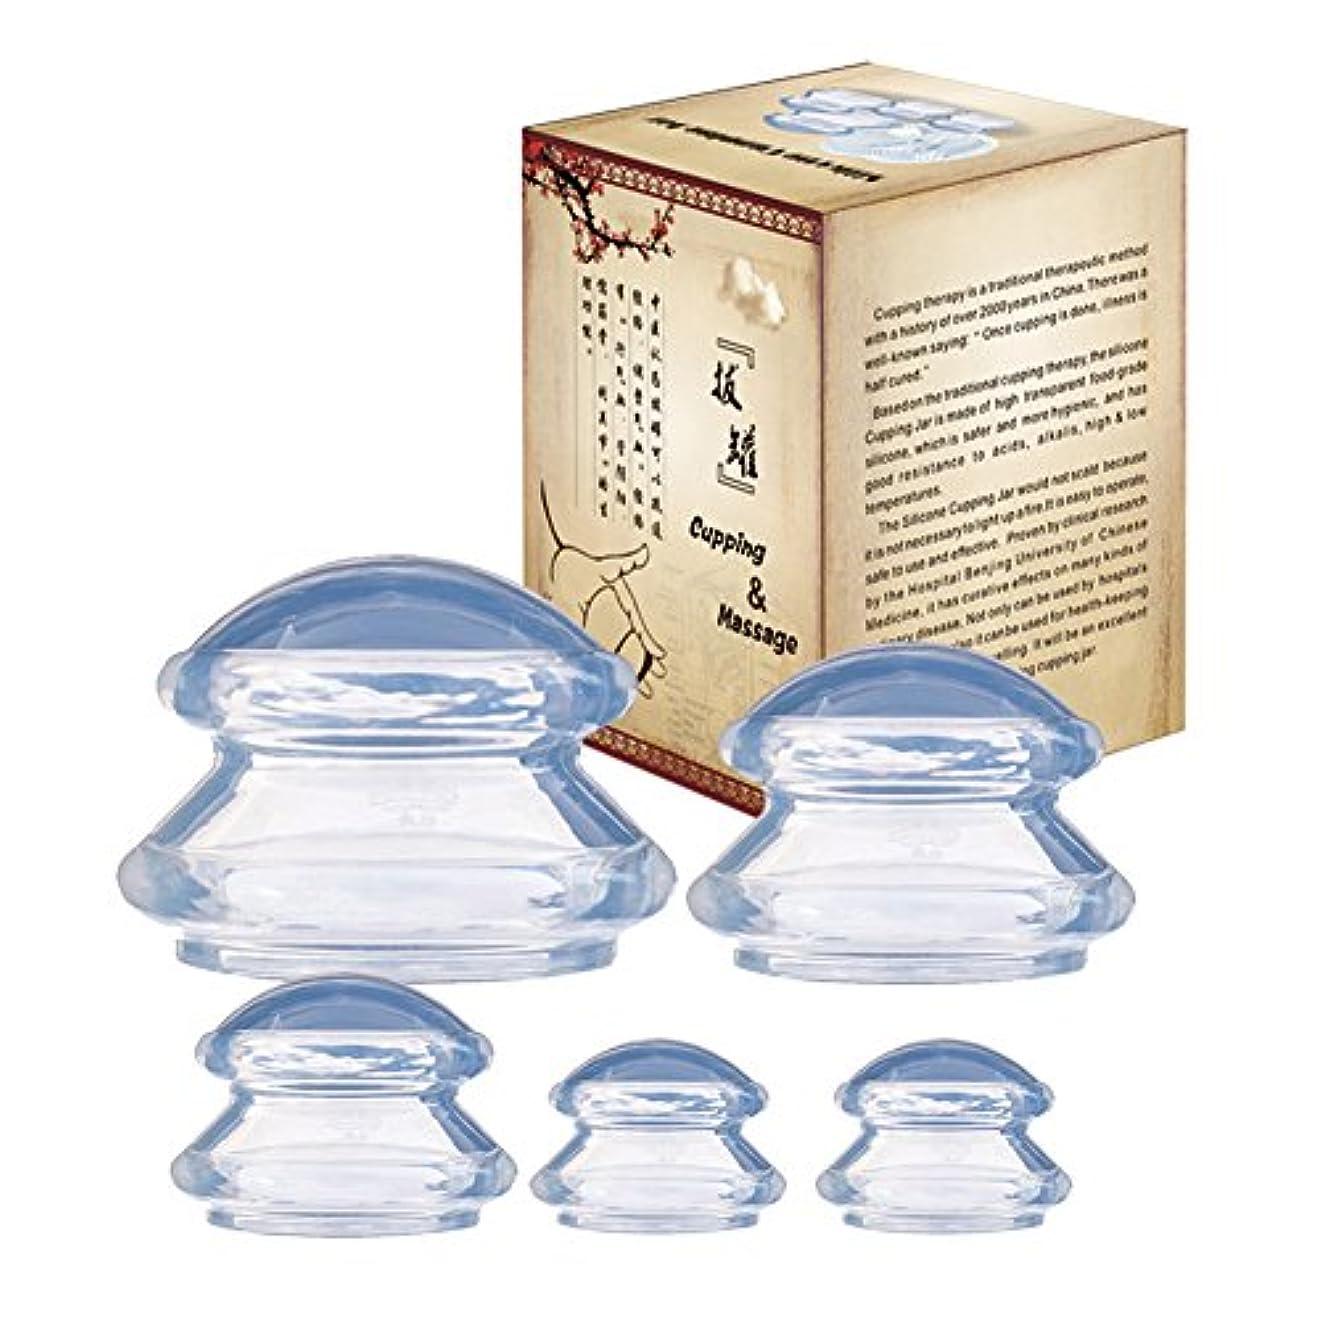 援助する滑りやすいチョップ吸玉 真空 シリコーン マッサージカップ 吸い玉 マッサージ カッピングセット ために筋肉痛救済,男女兼用,透明,5個,L